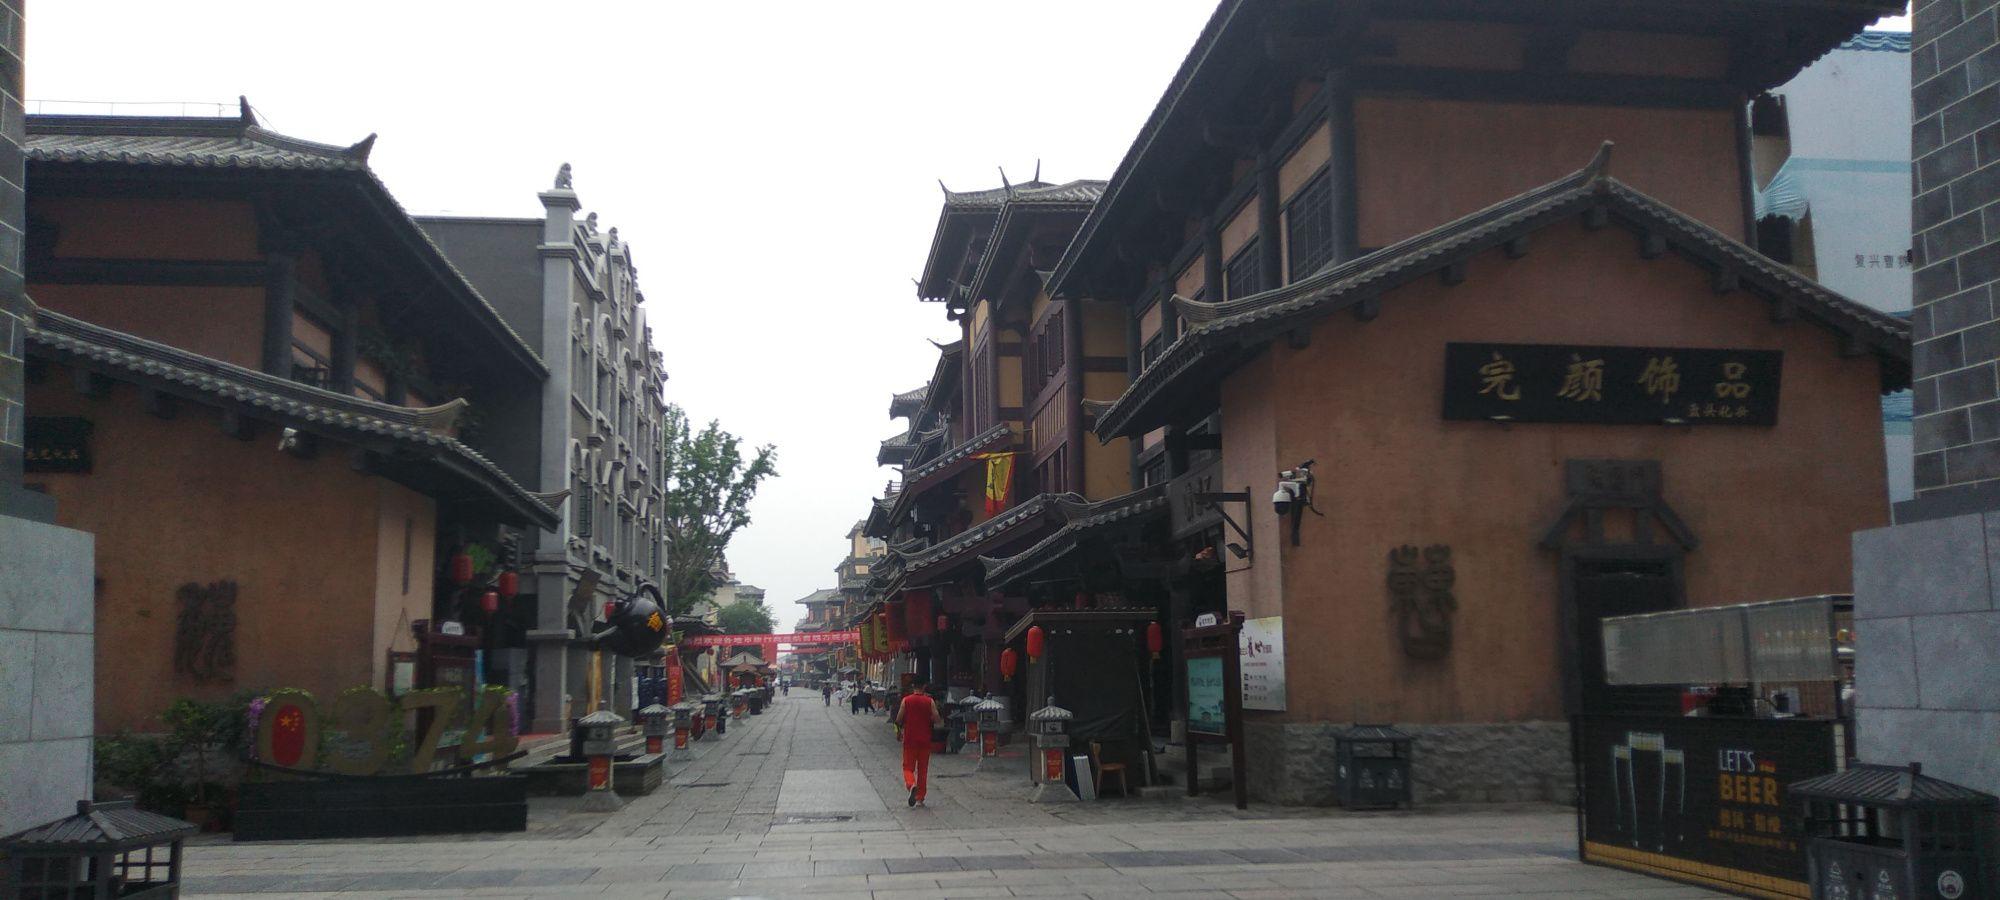 晨跑在许昌,你是喜欢早上清新的古城,还是晚上张灯结彩的护城河